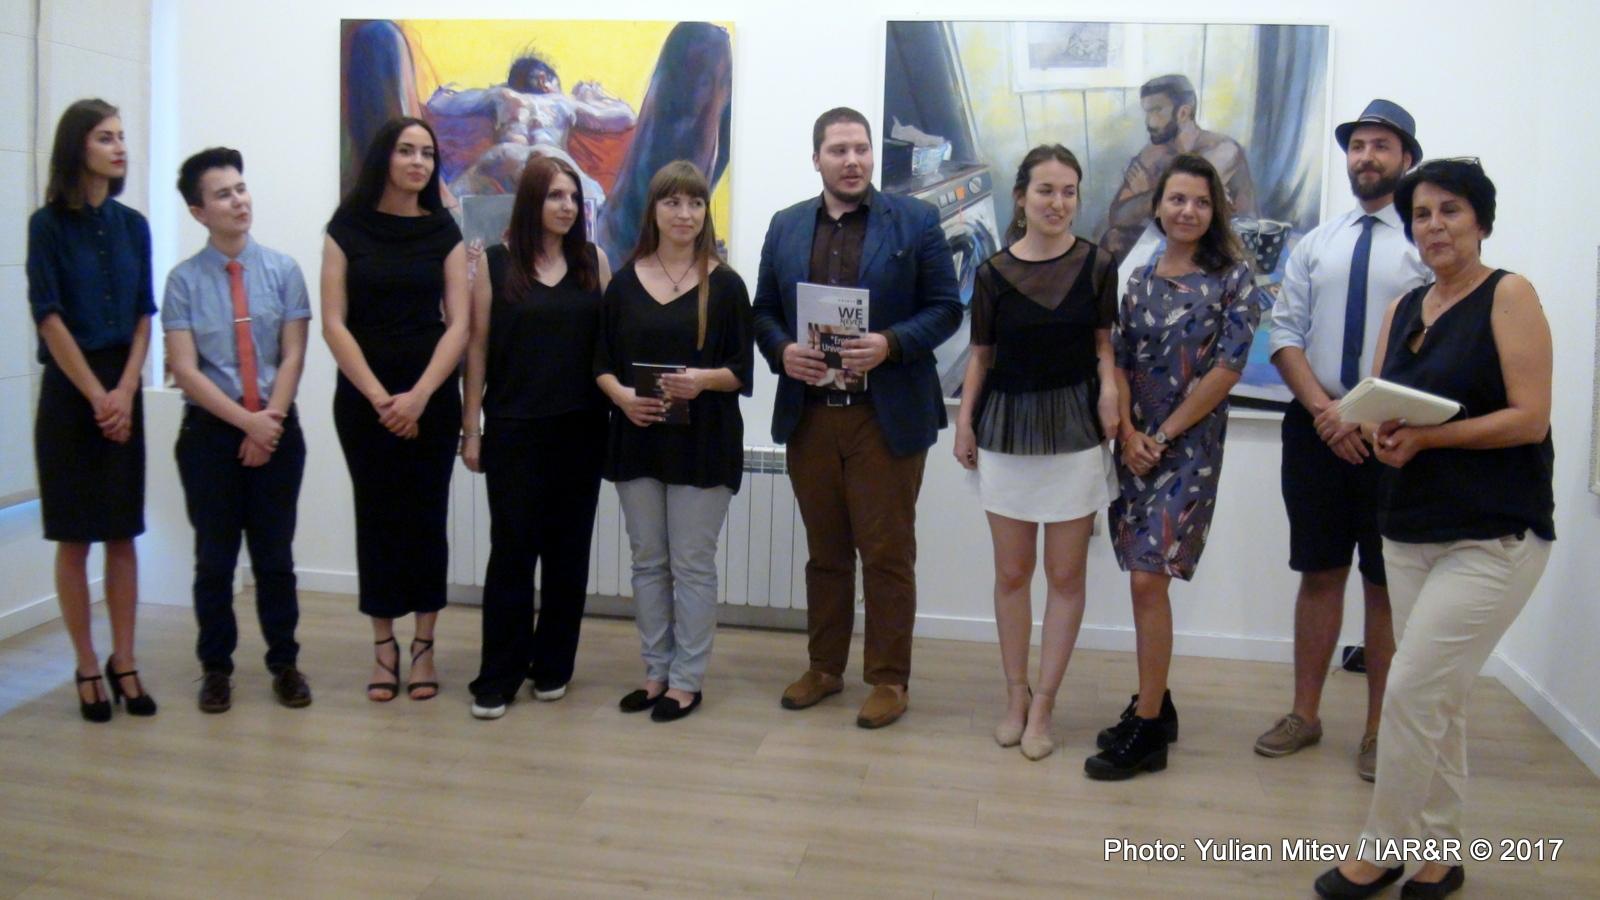 """Откриване на изложбата """"Универсална еротика"""" в галерия """"Стубел"""" на 28 август 2017 г."""